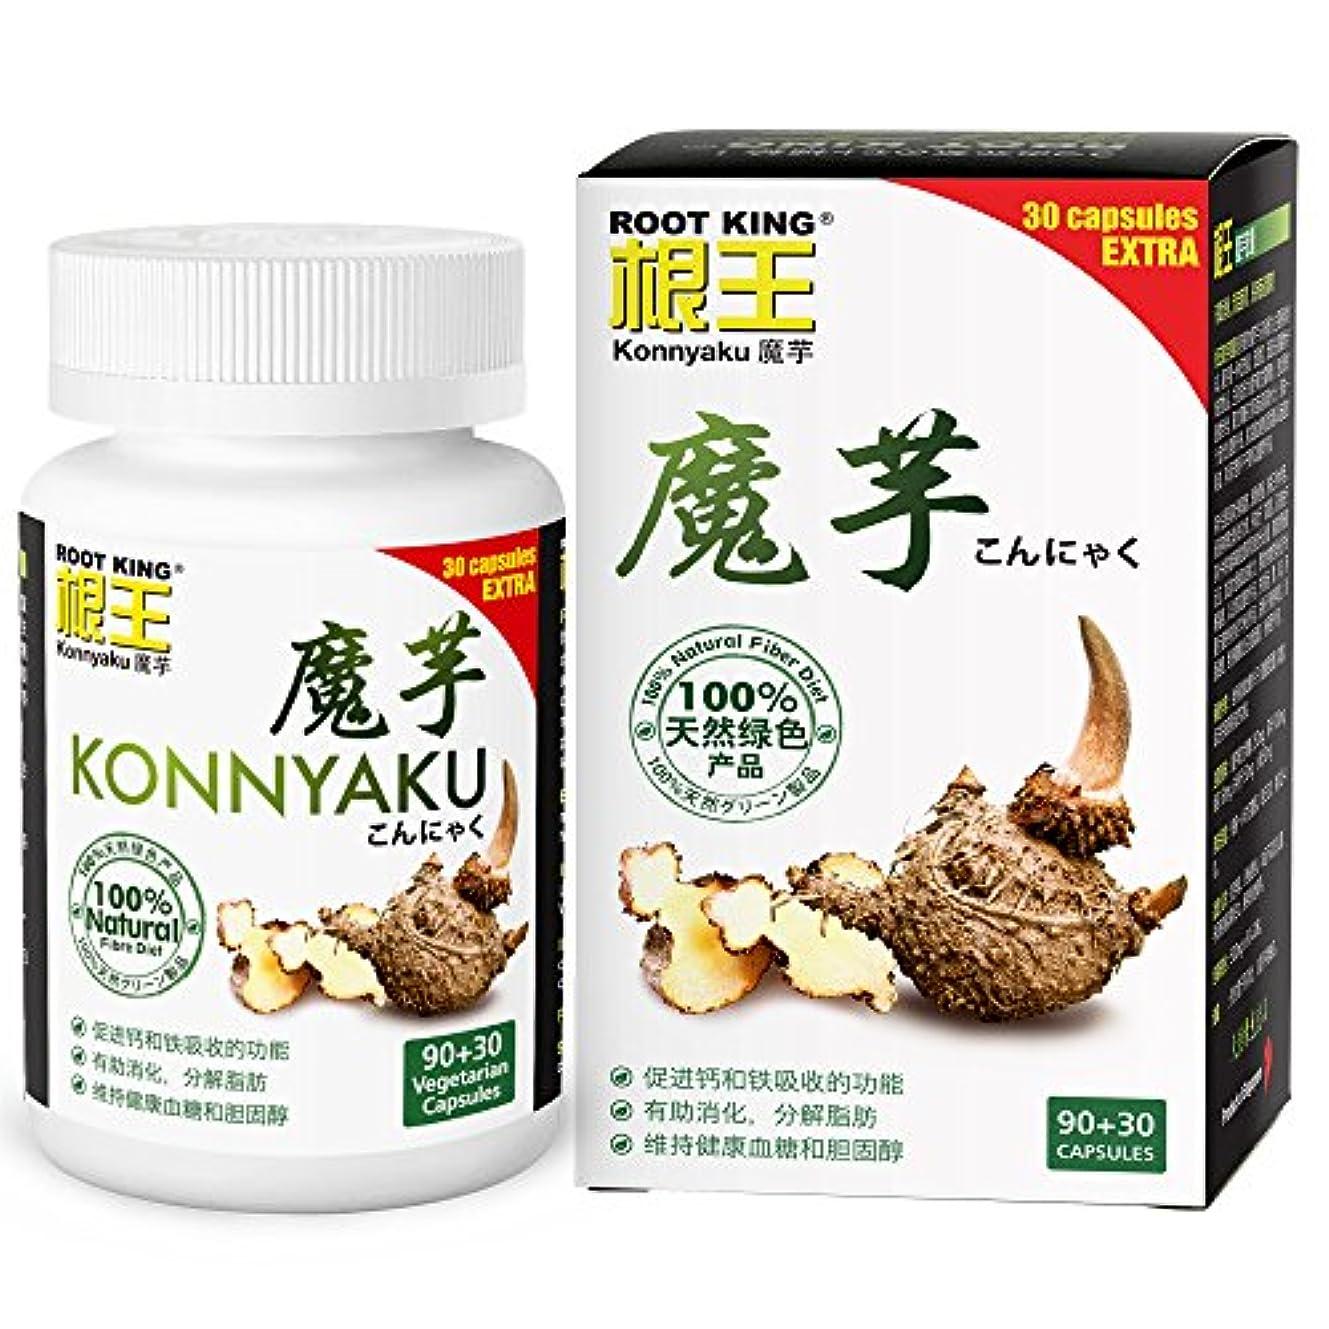 広告コマース折るROOT KING Konnyaku (120 Vegecaps) - control appetitide, feel fuller, contains Konjac glucomannan